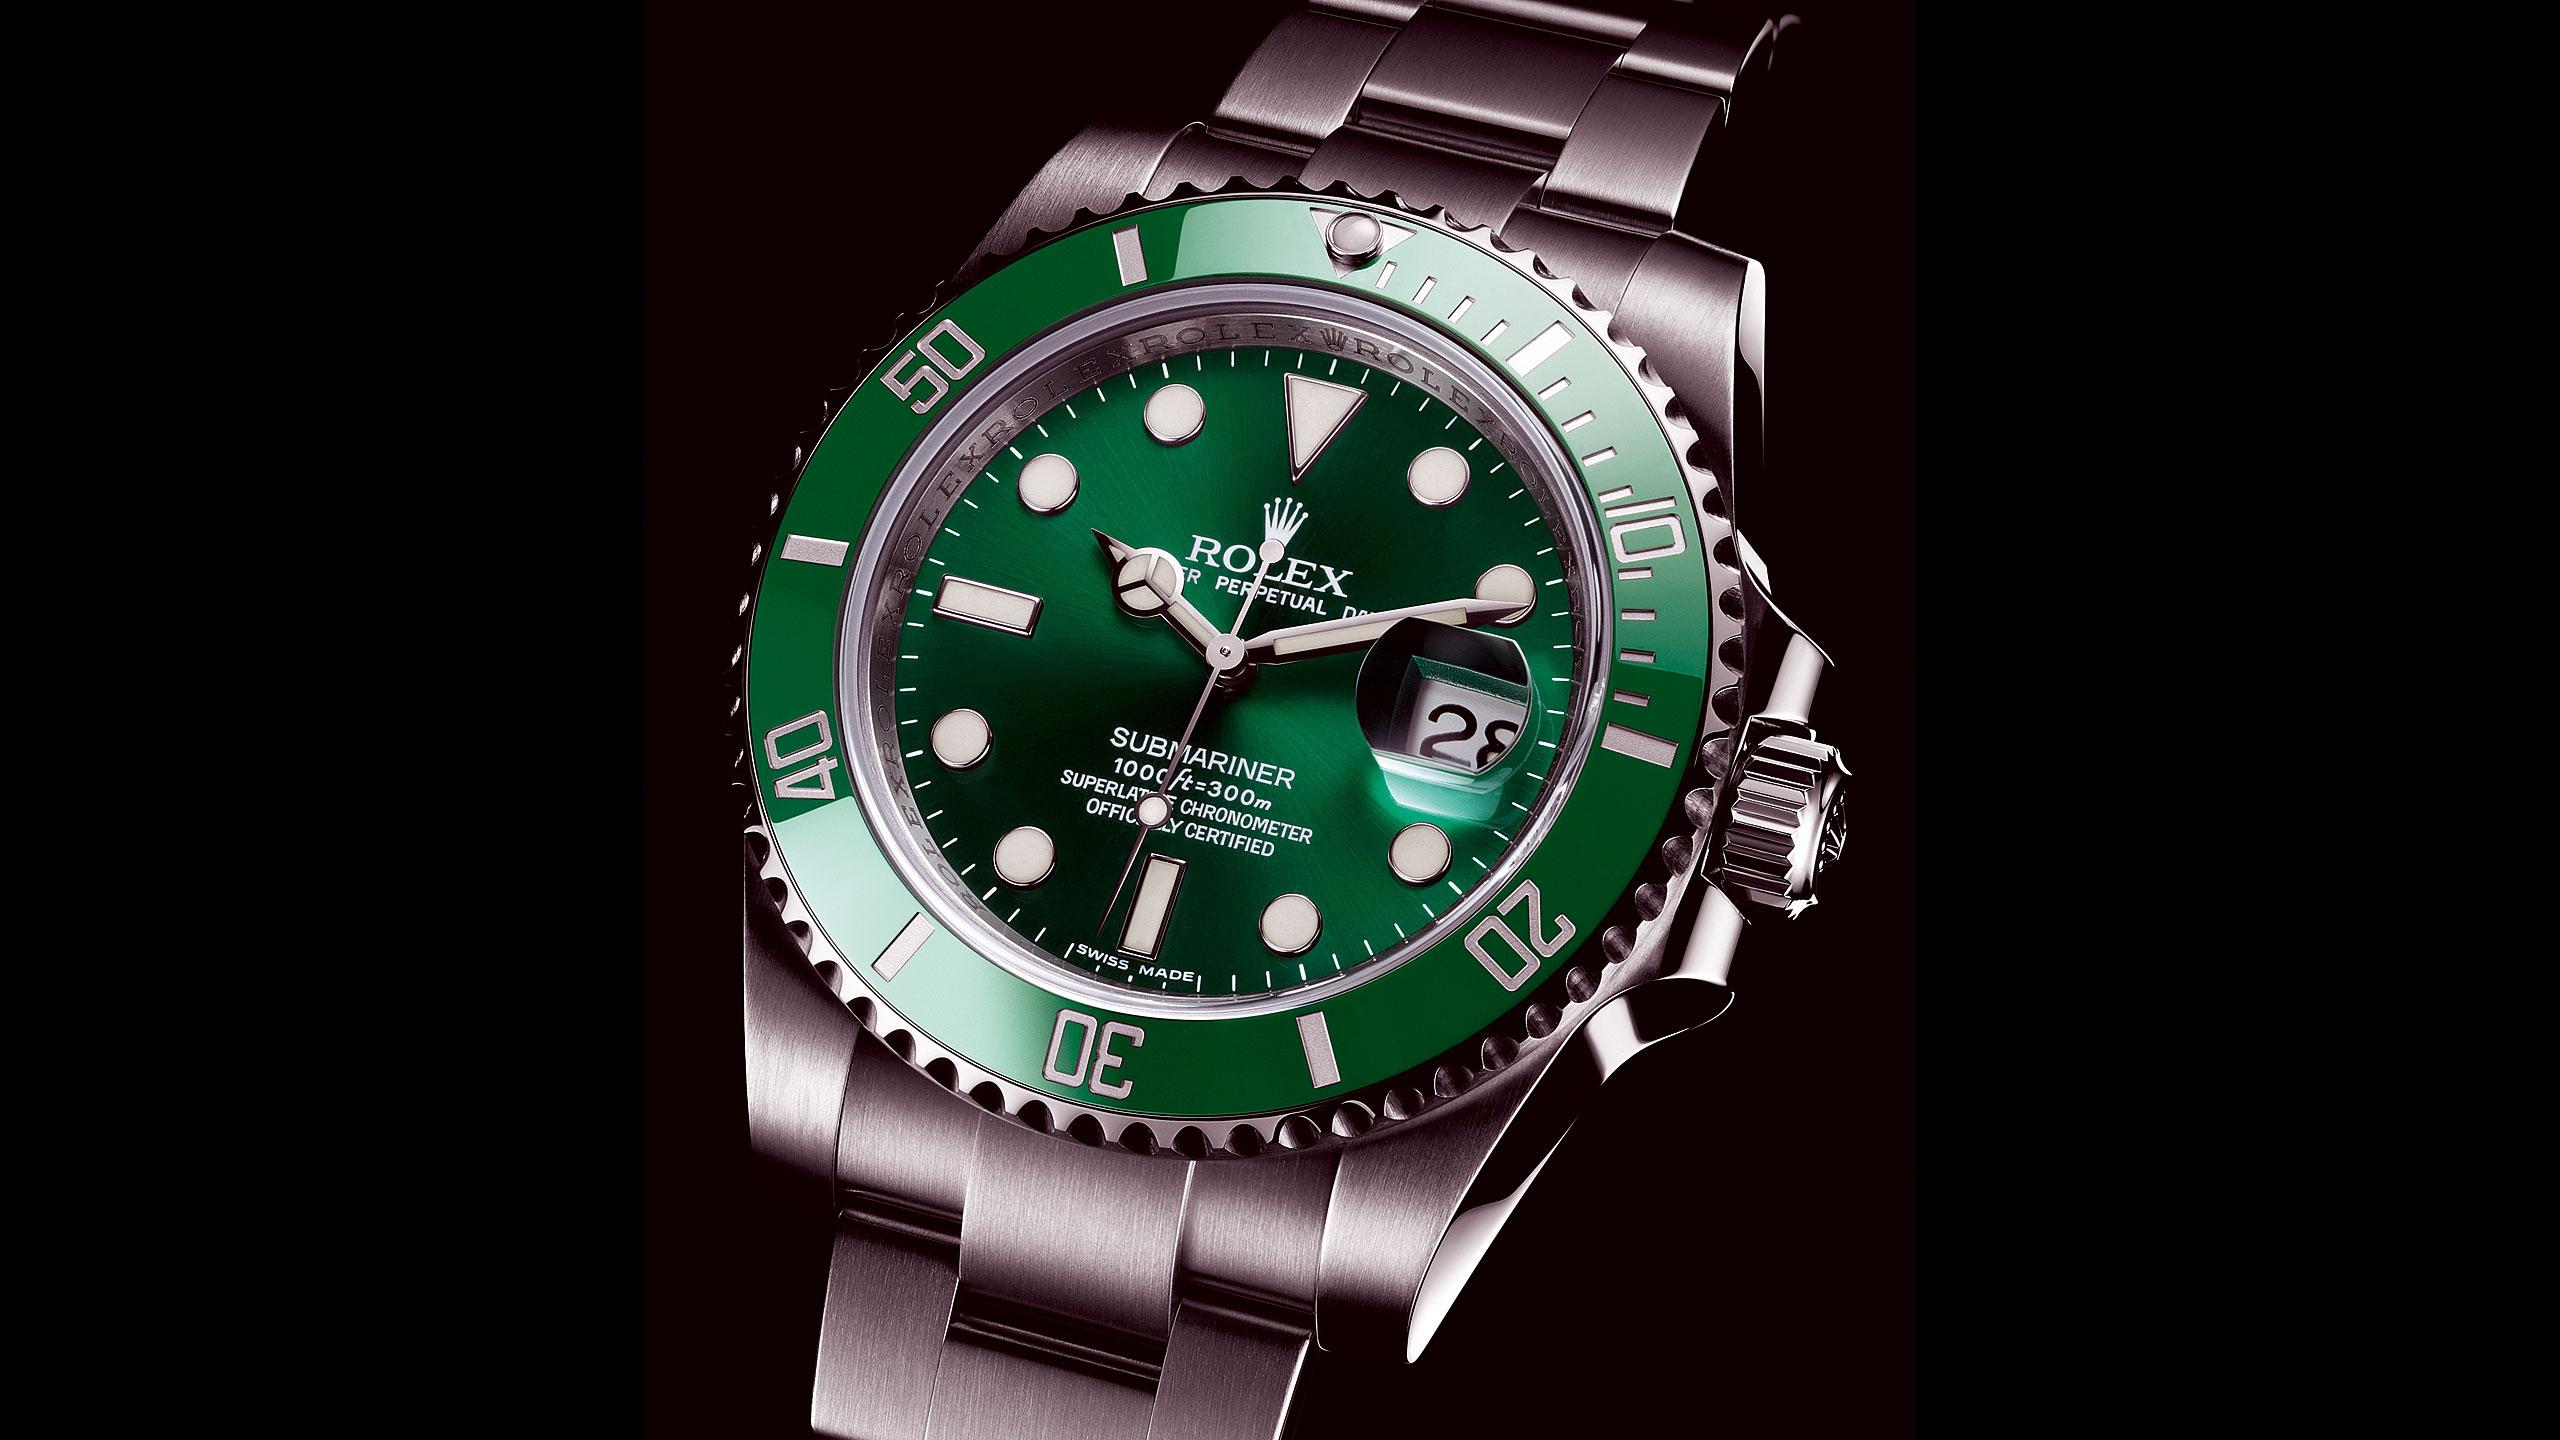 Wallpaper  Rolex, Green Submariner, Watch, Brand -8303